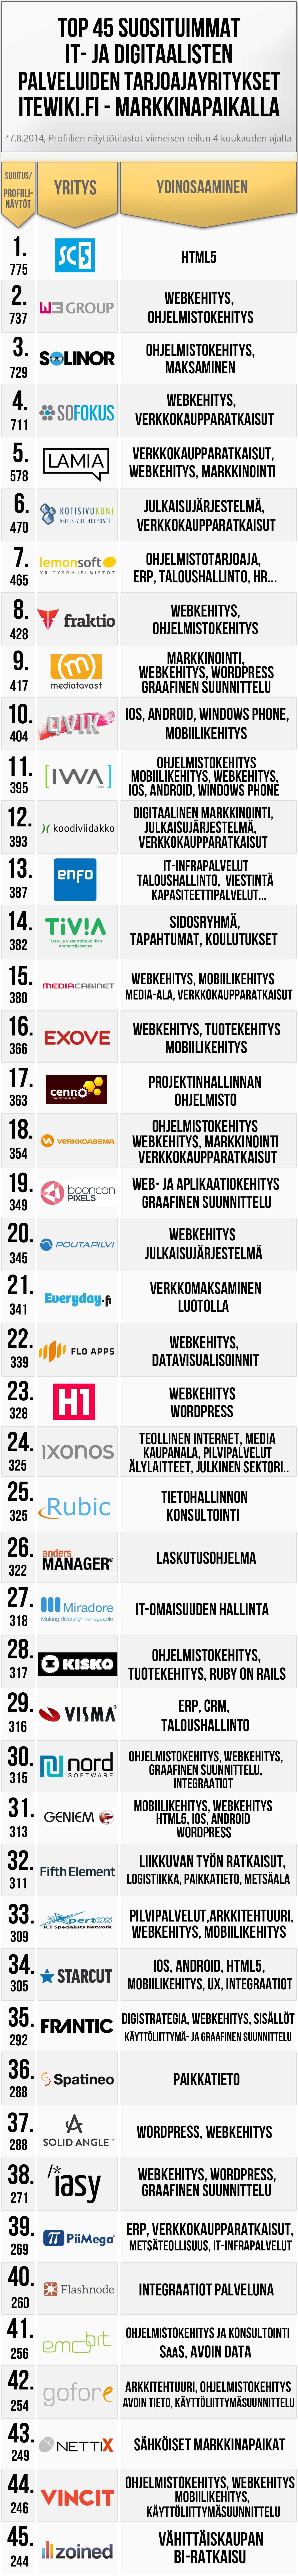 Top-45-it-yritykset_final